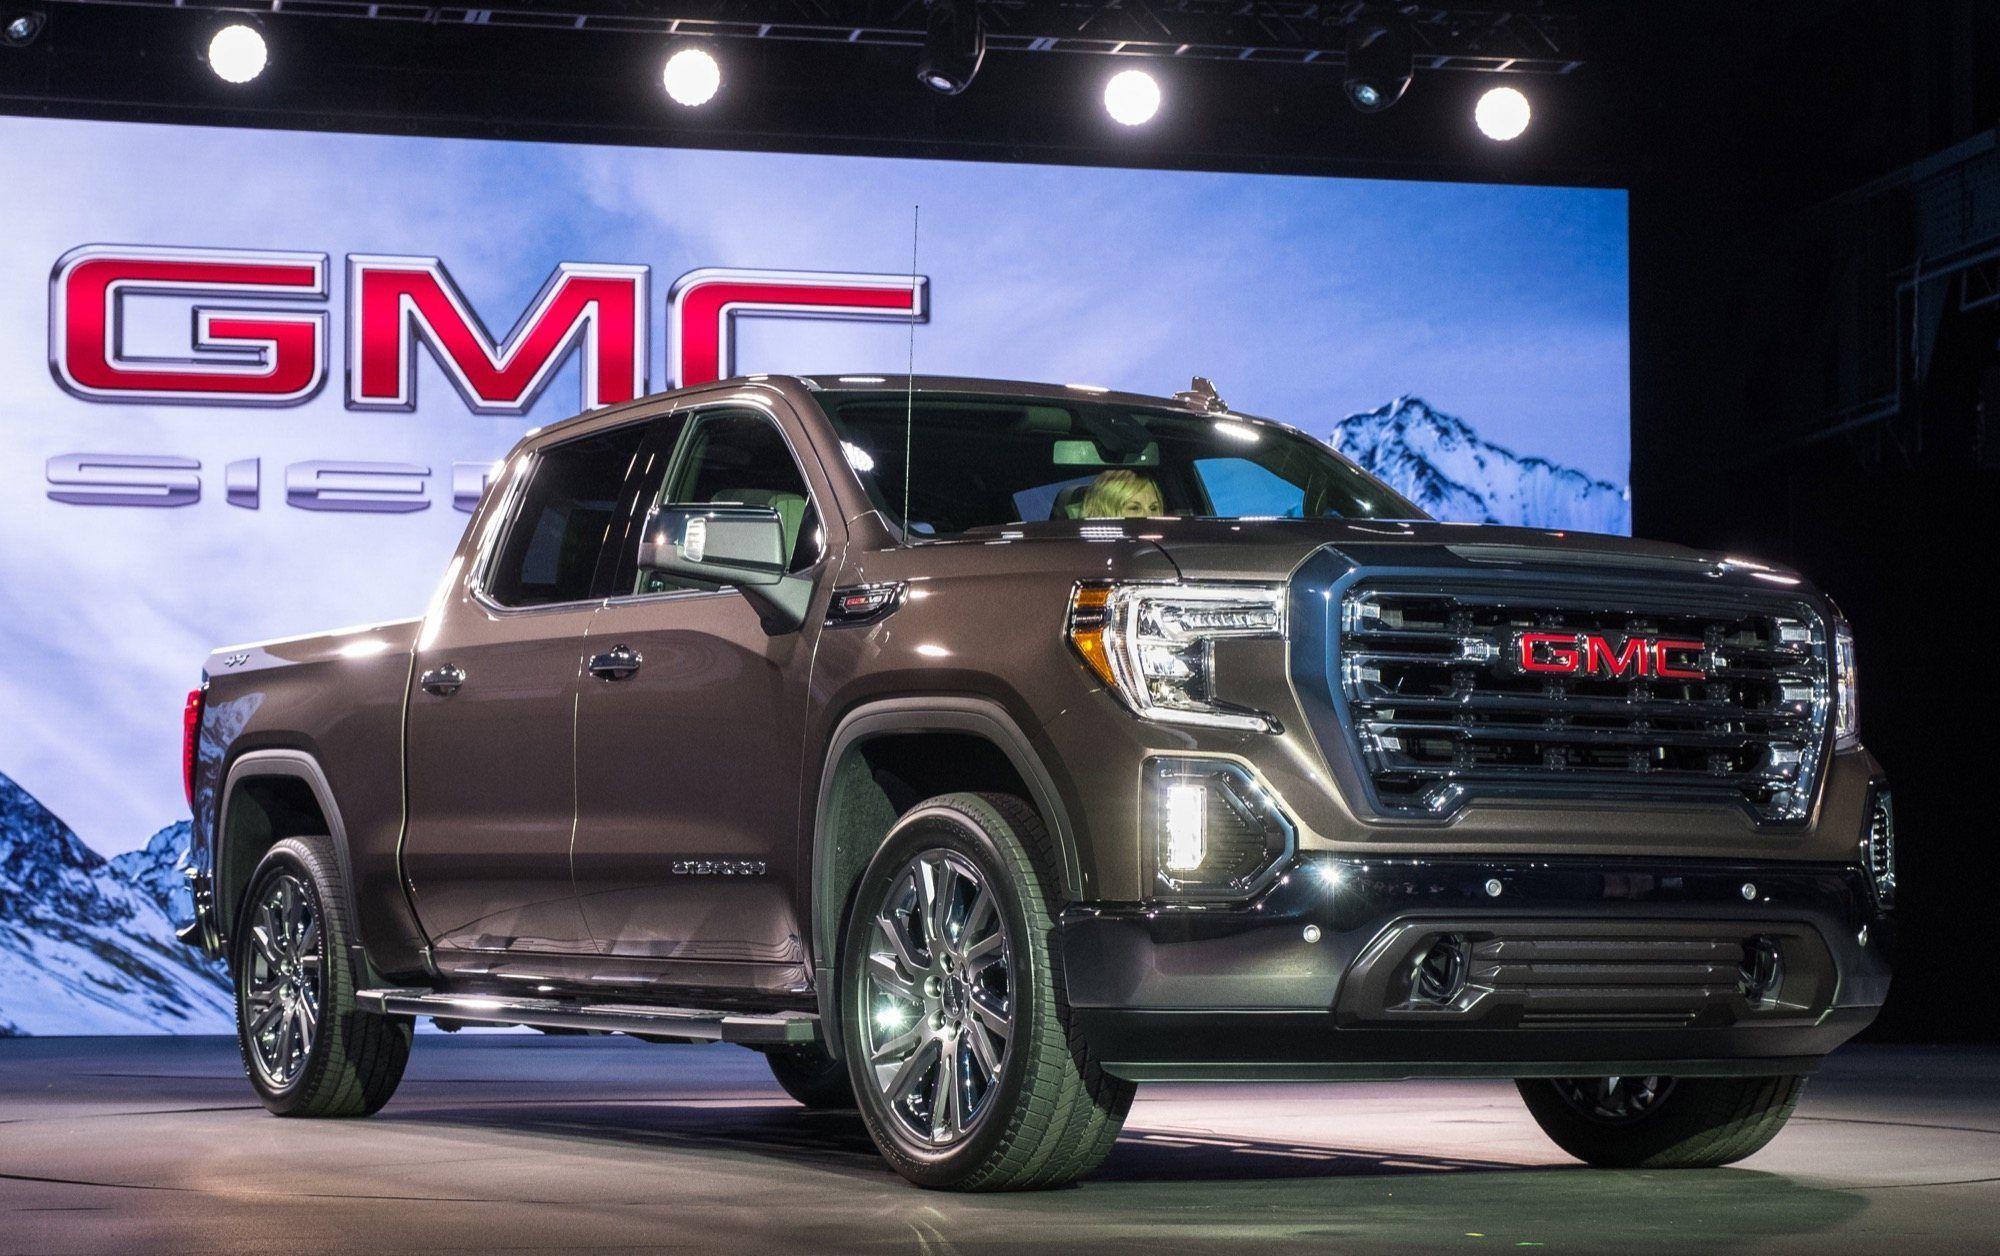 2021 Gmc Sierra Denali 1500 Hd Review In 2020 Gmc Denali Truck Sierra Denali Denali Truck